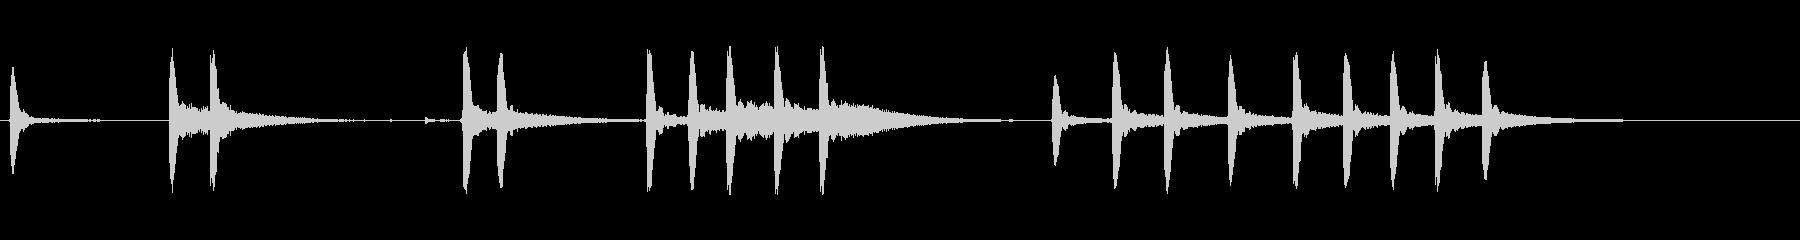 ベルリンギングカッパーカウディナーの未再生の波形